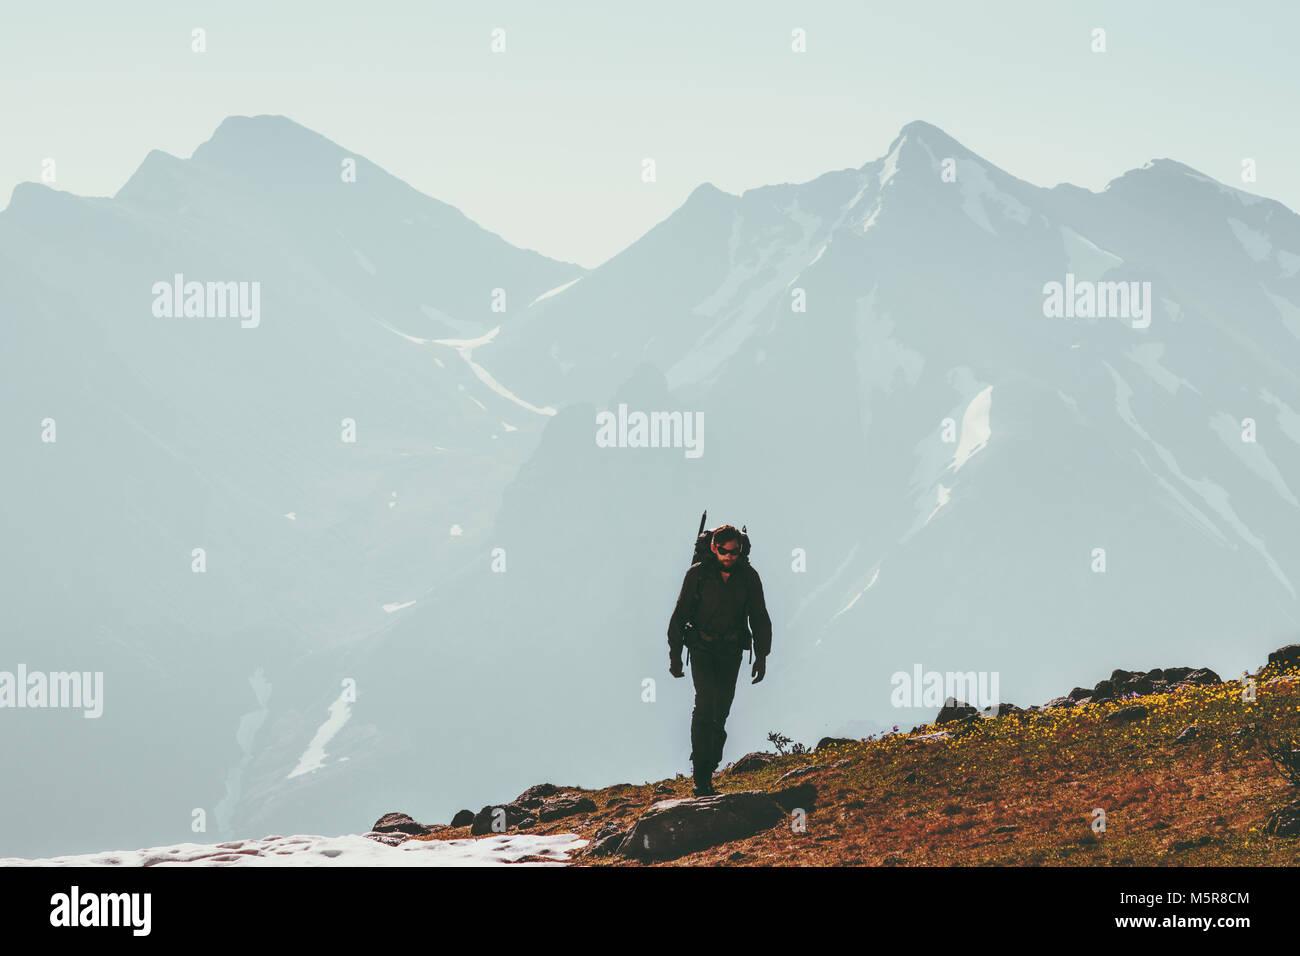 Wanderer Mann allein Klettern in die Berge Lifestyle Reisen überleben Konzept Abenteuer Outdoor Aktiv Urlaub Stockbild